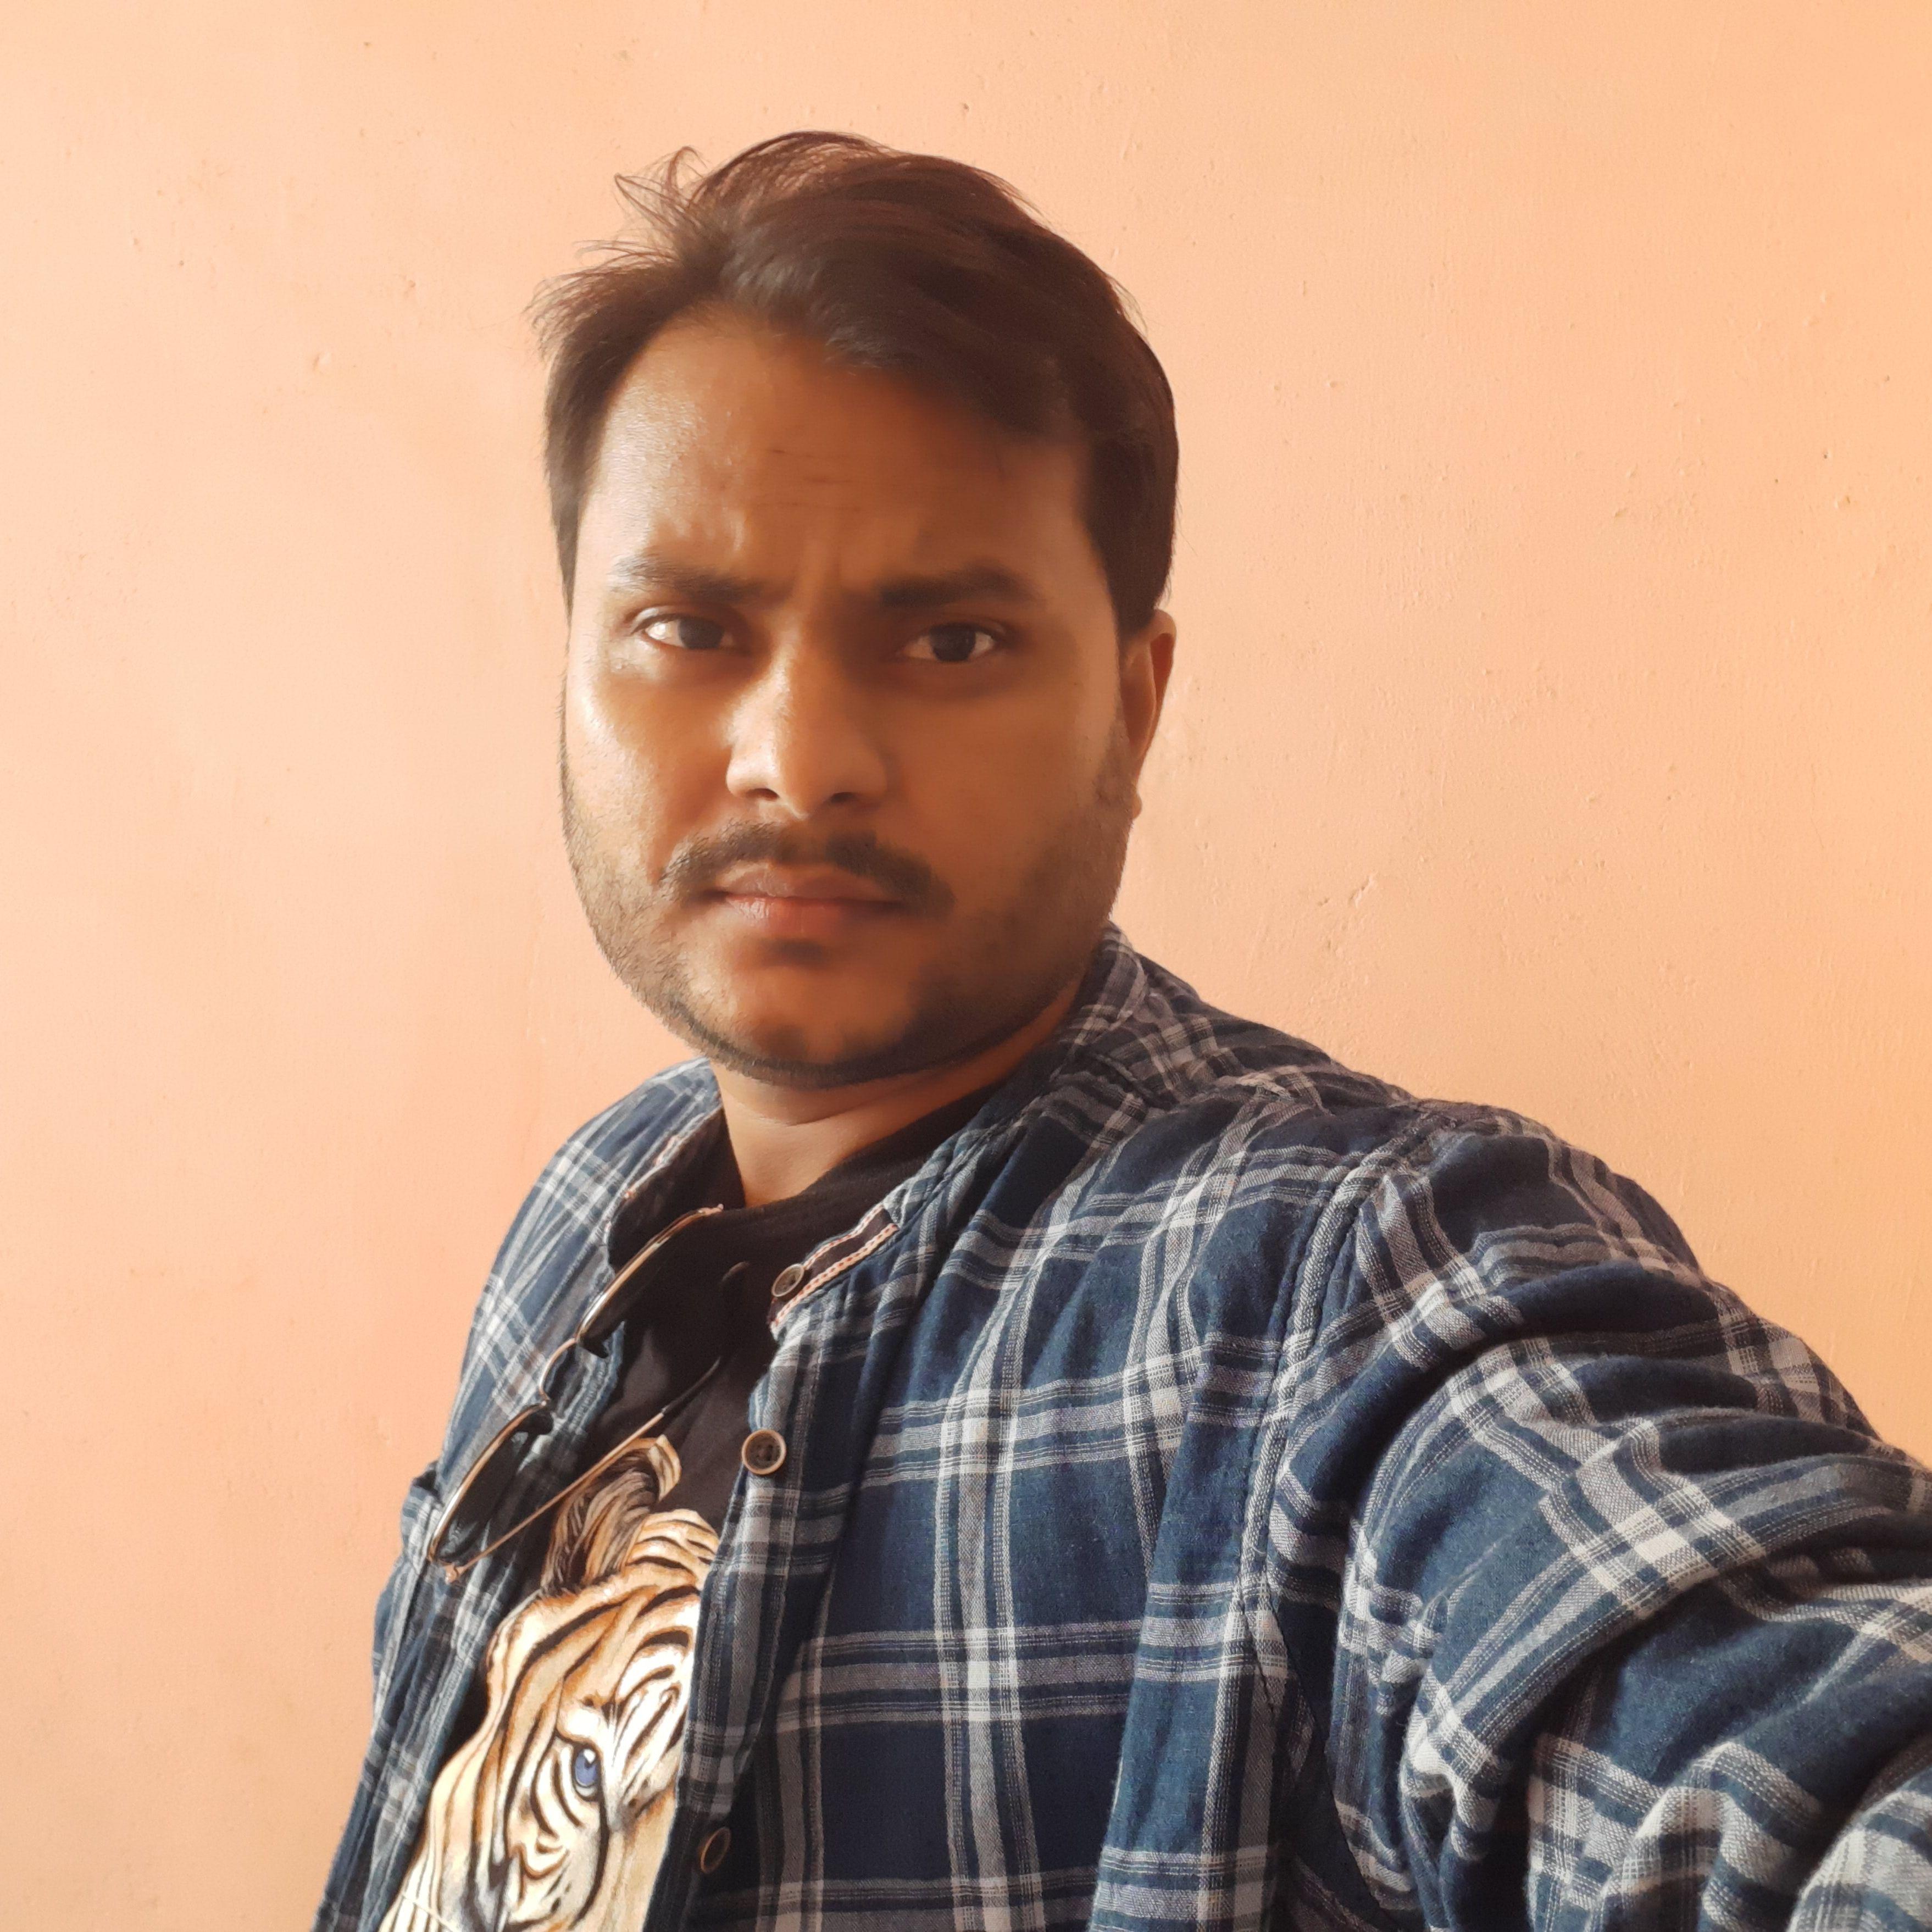 Farookh Mohammad